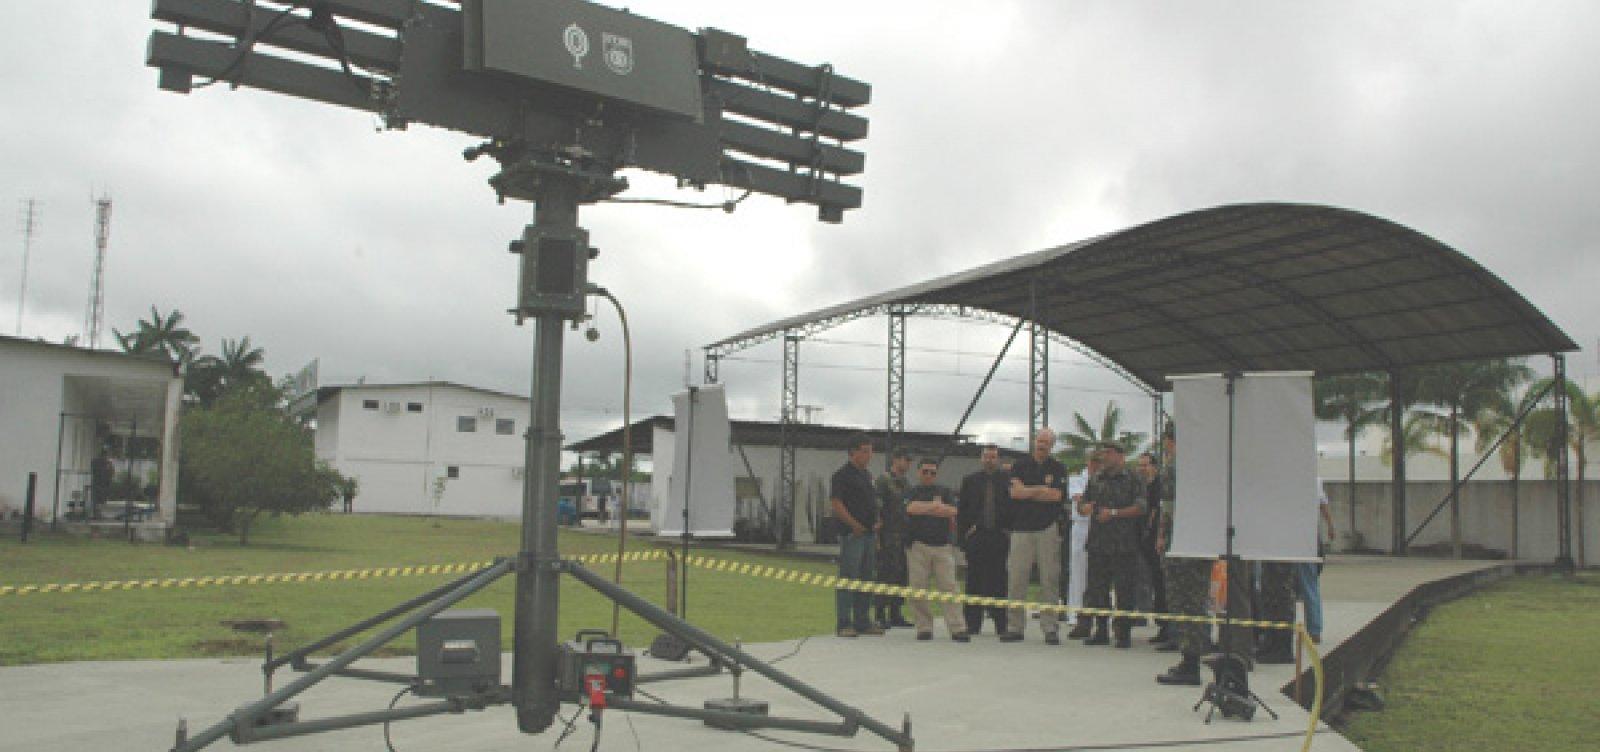 Governo vai destinar mais de R$ 100 mi para combater tráfico com radares